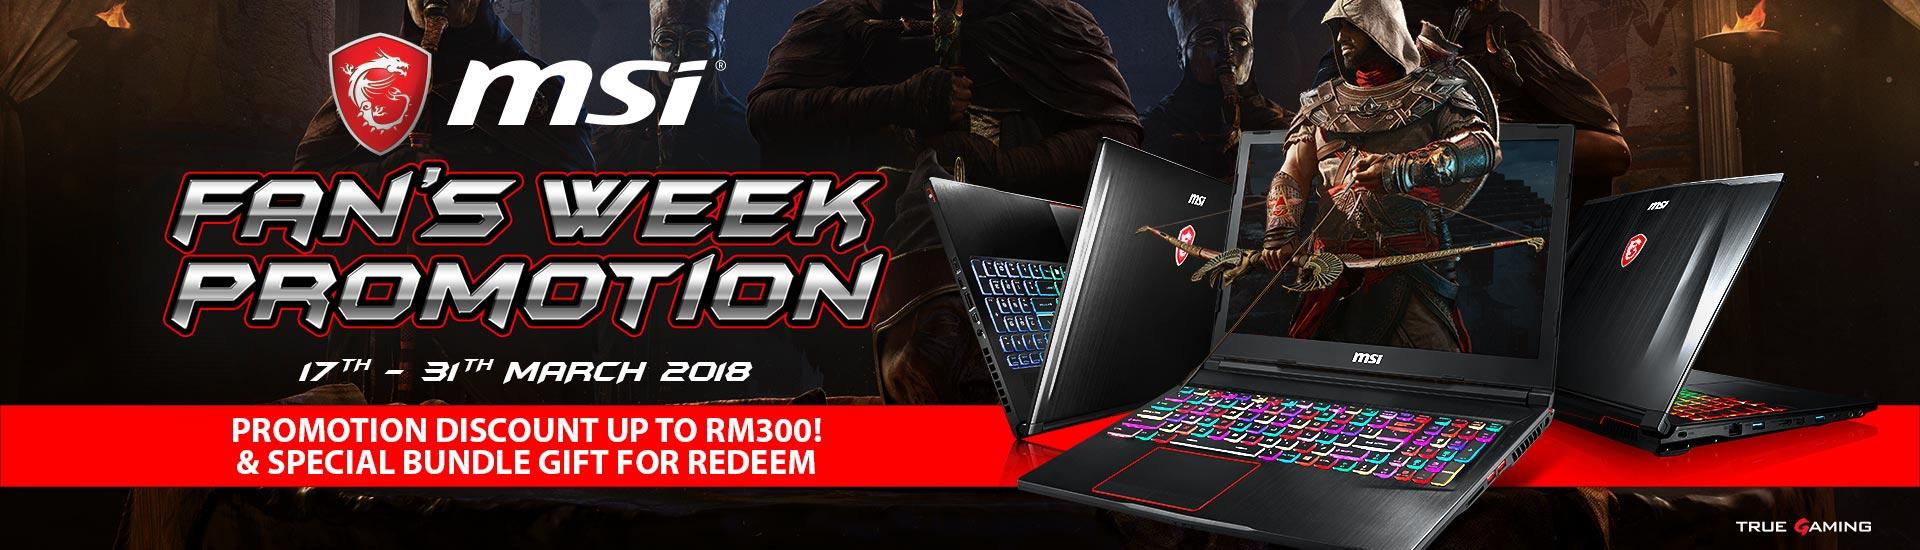 20180316 - Fans Week Promotion